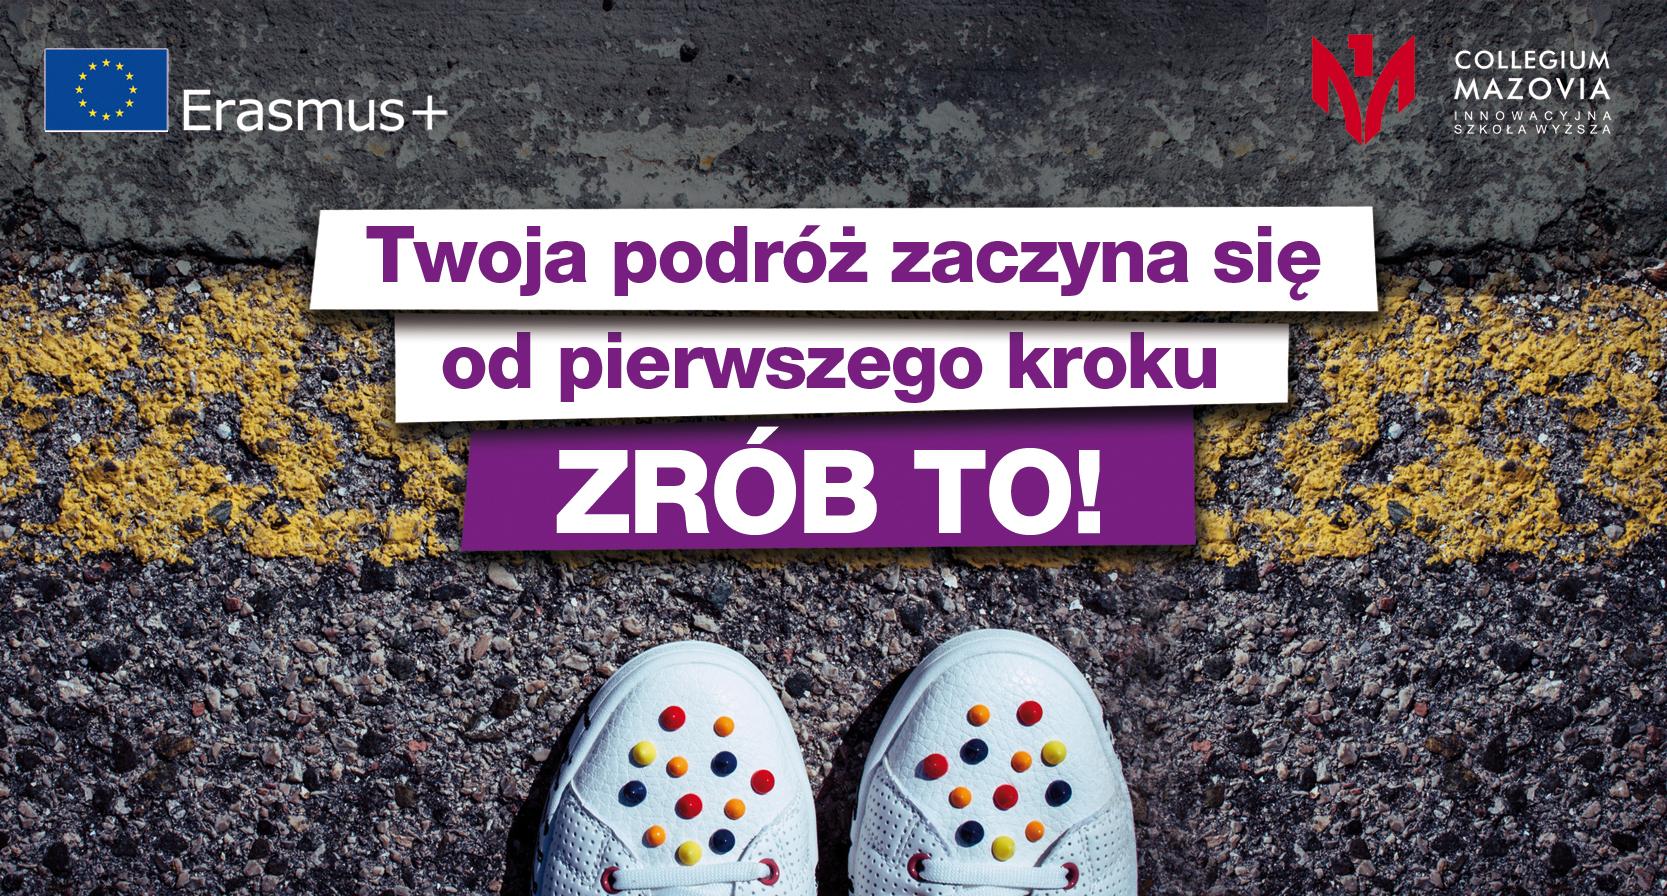 2018_08_30_ogloszenie_erasmus_short_2_starter